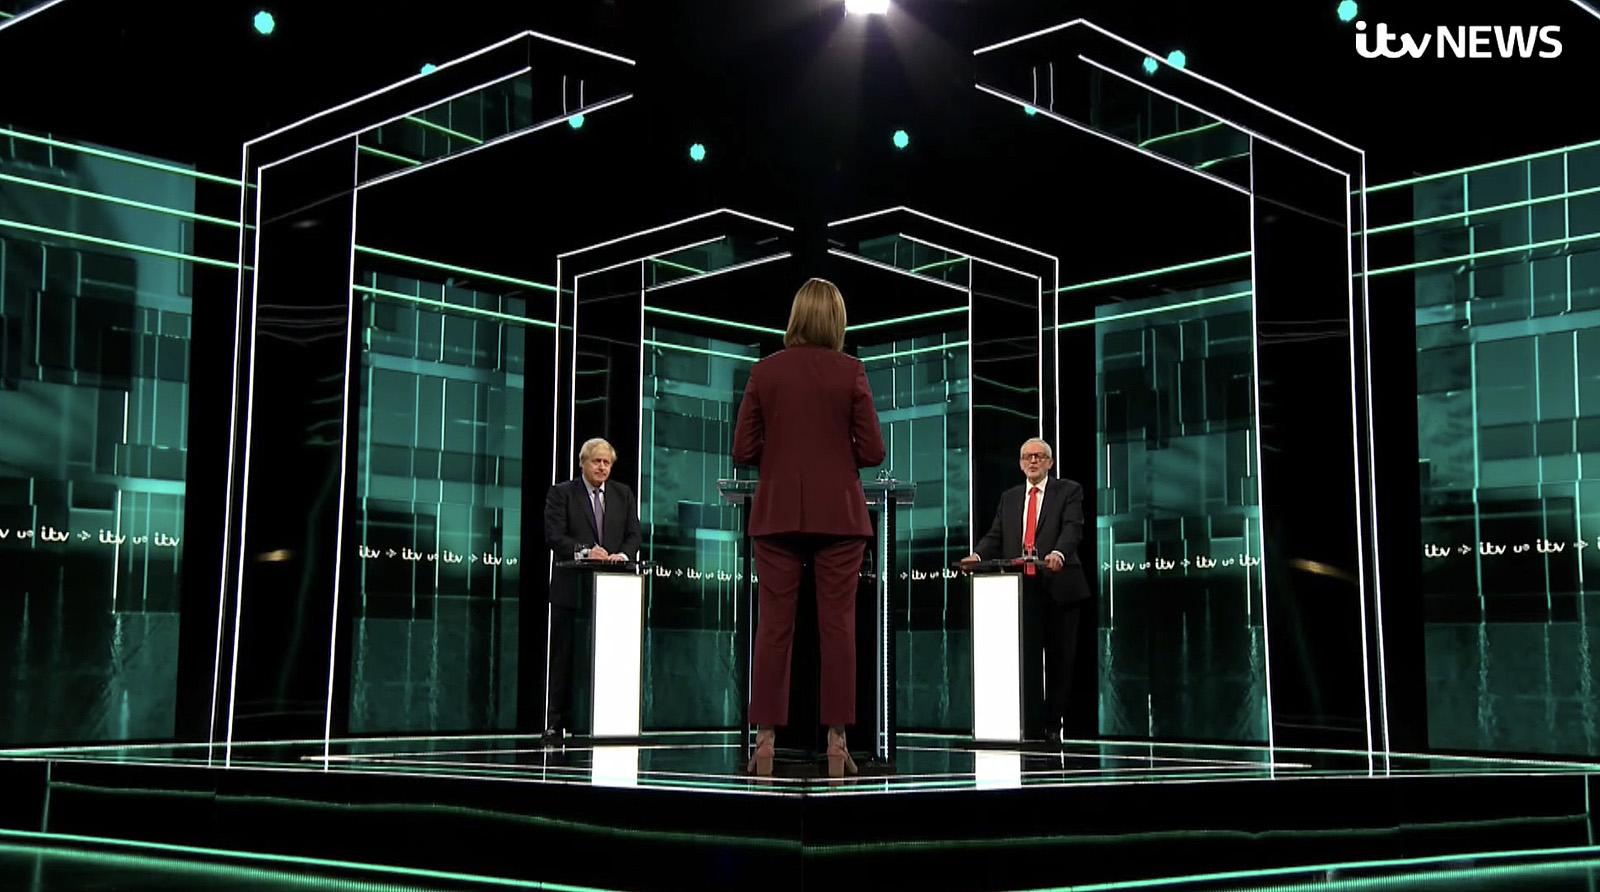 NCS_ITV_Leaders-Debate_2019_007